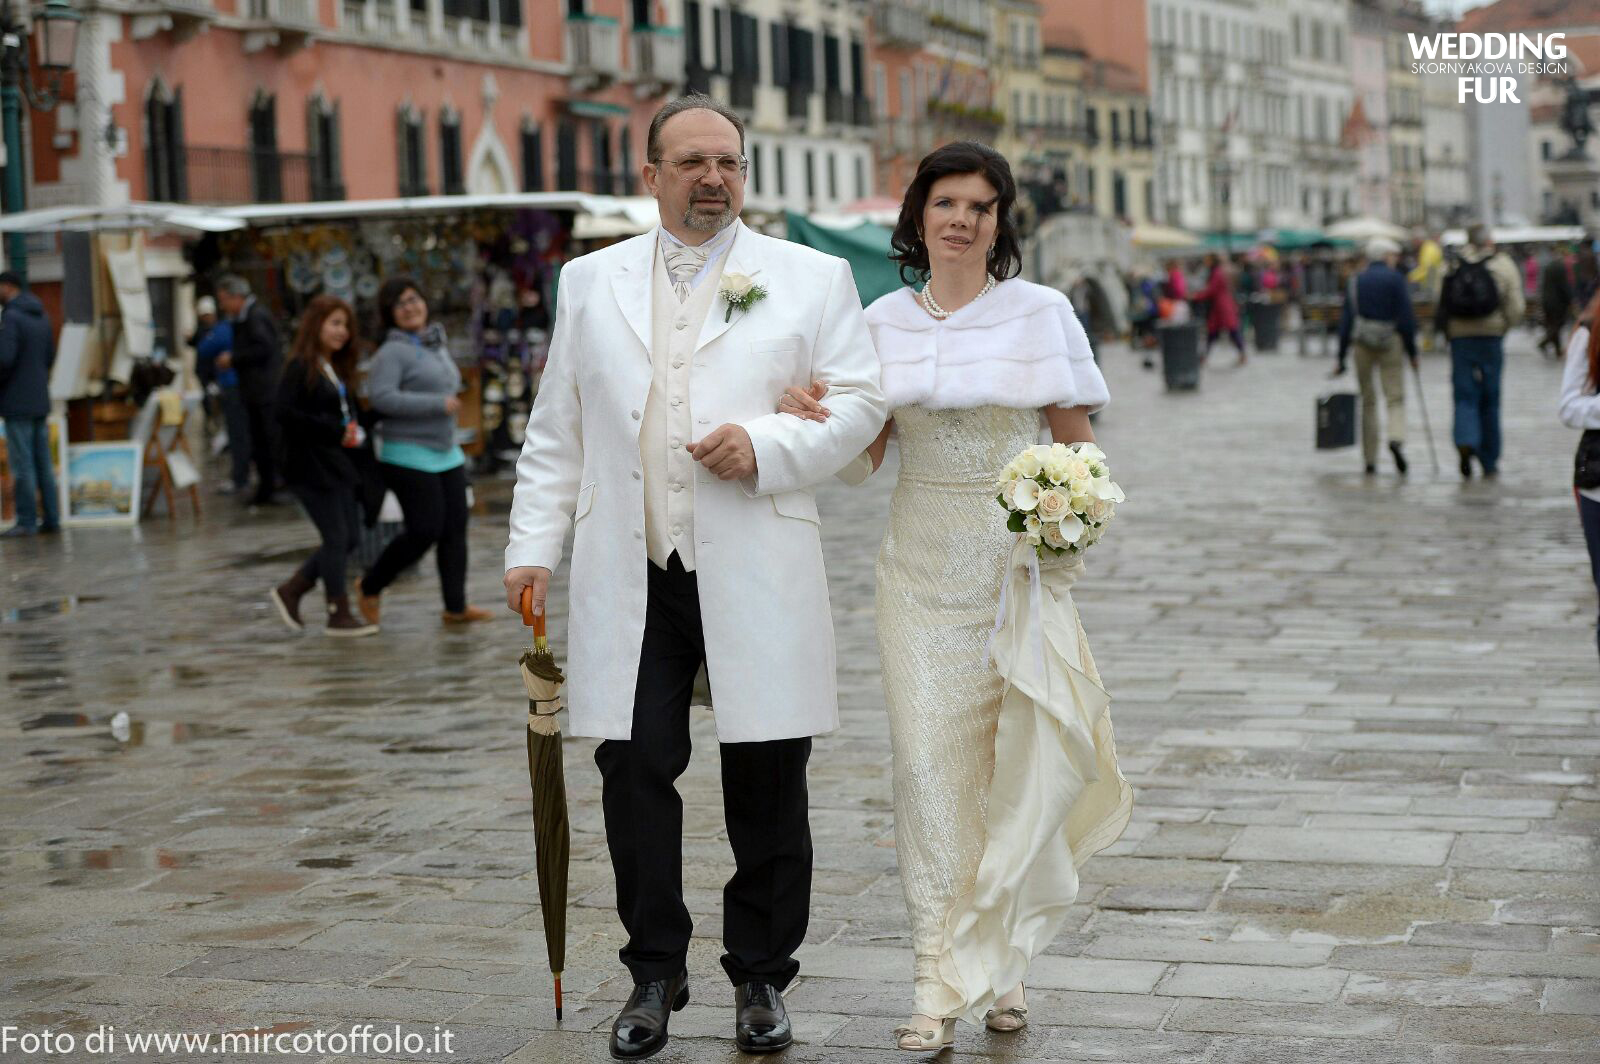 Норковая накидка на свадебное платье купить